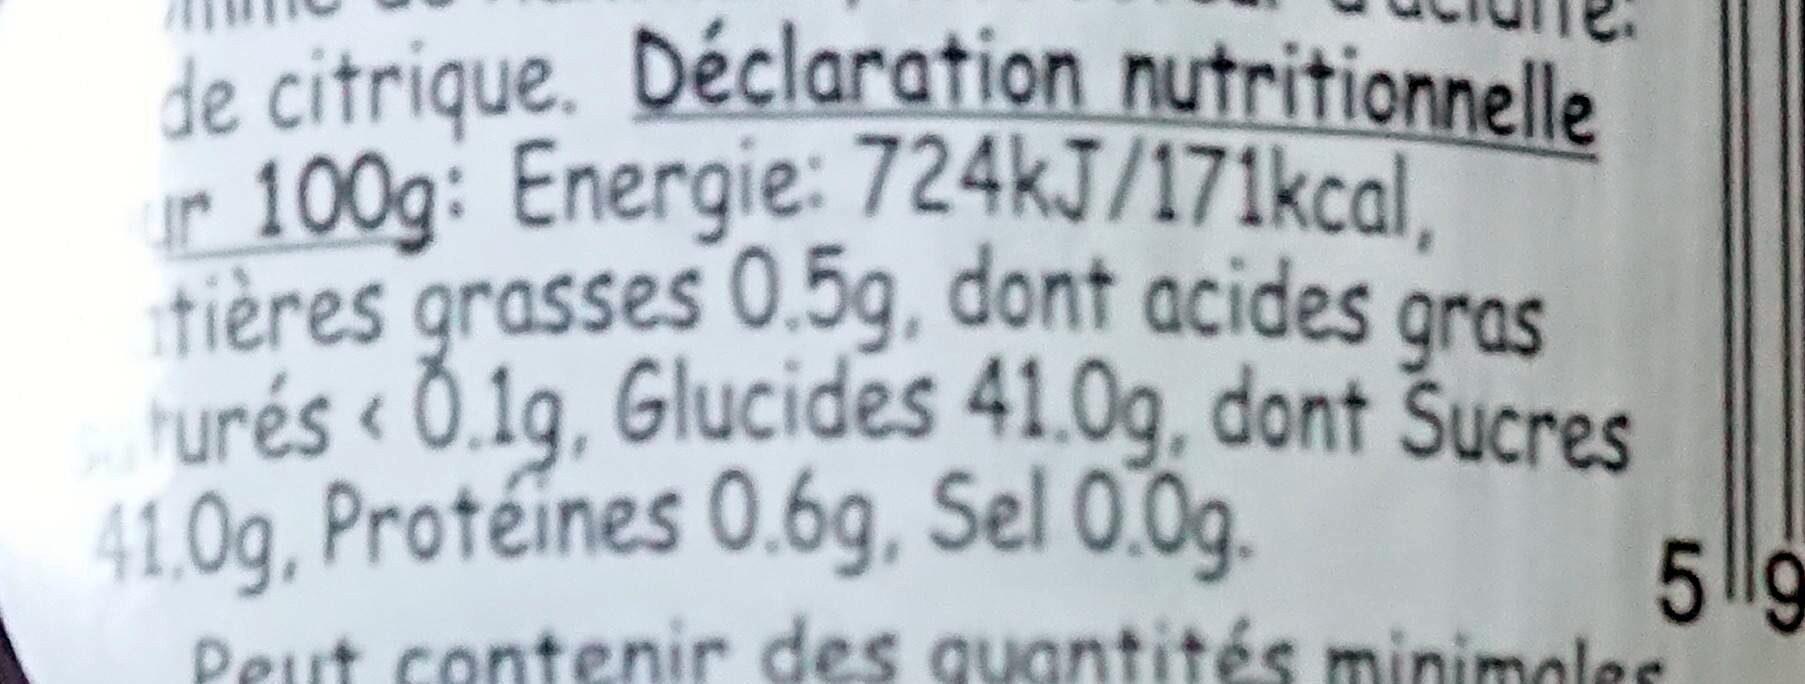 Confiture de griottes 240 G - Informations nutritionnelles - fr